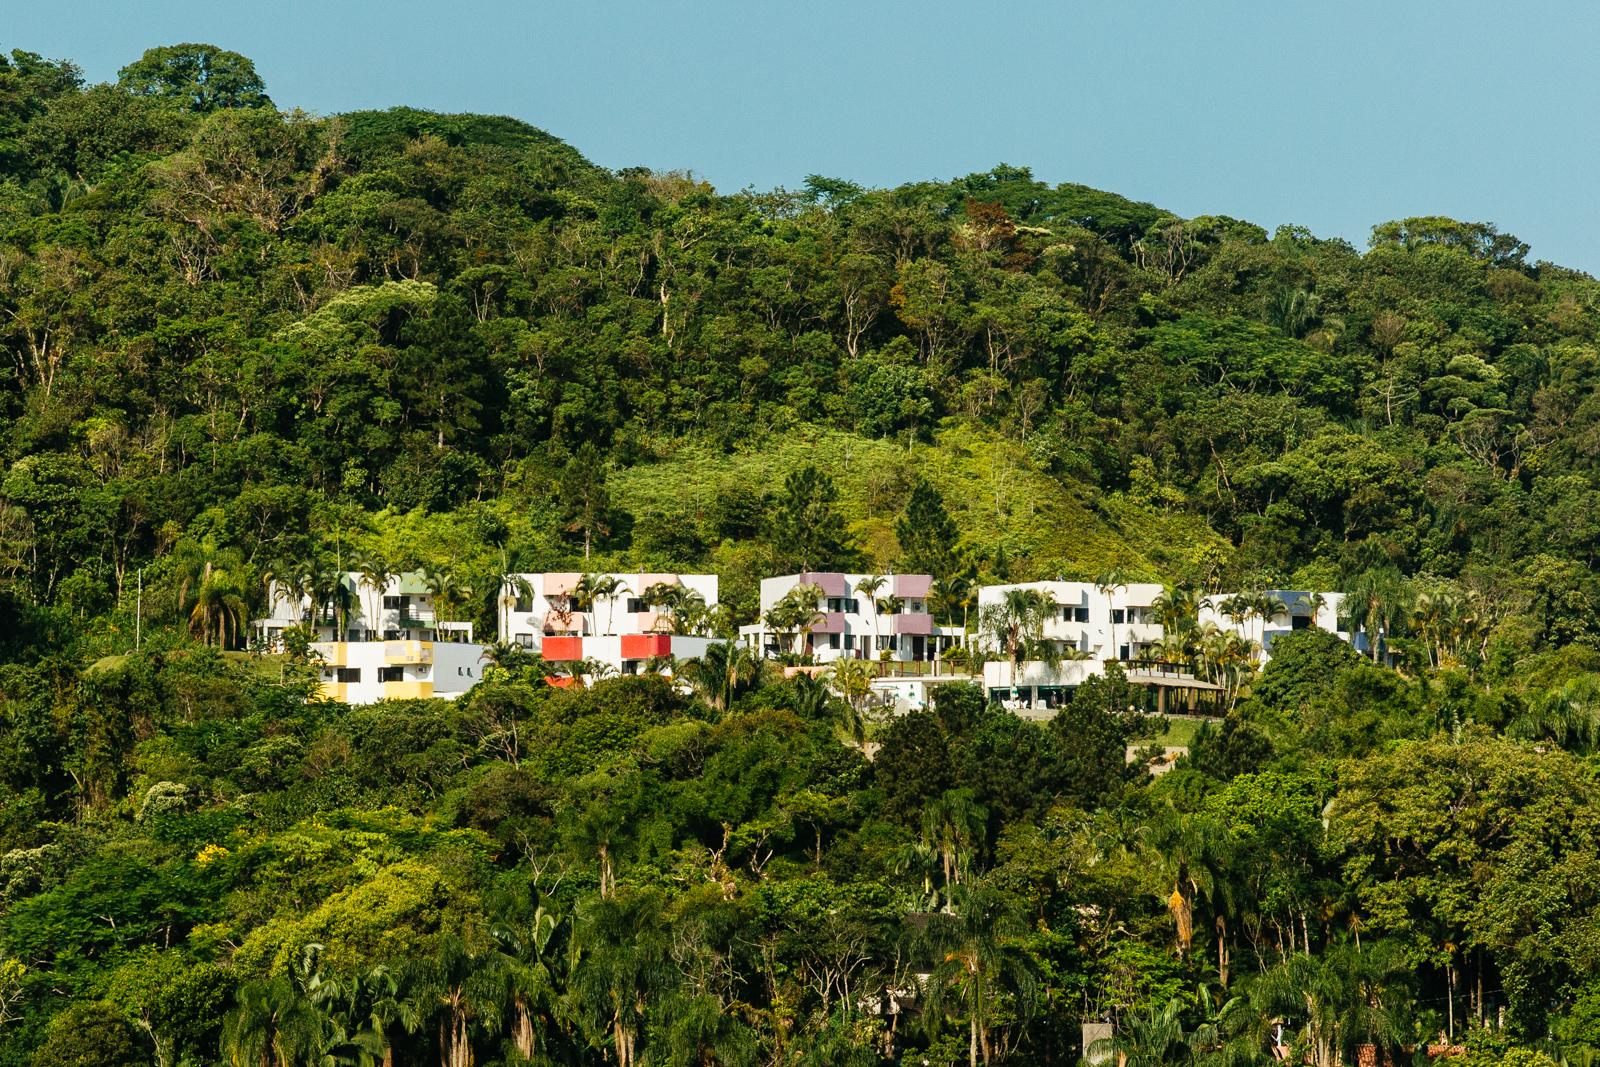 Hotel vista da Prainha Caieiras